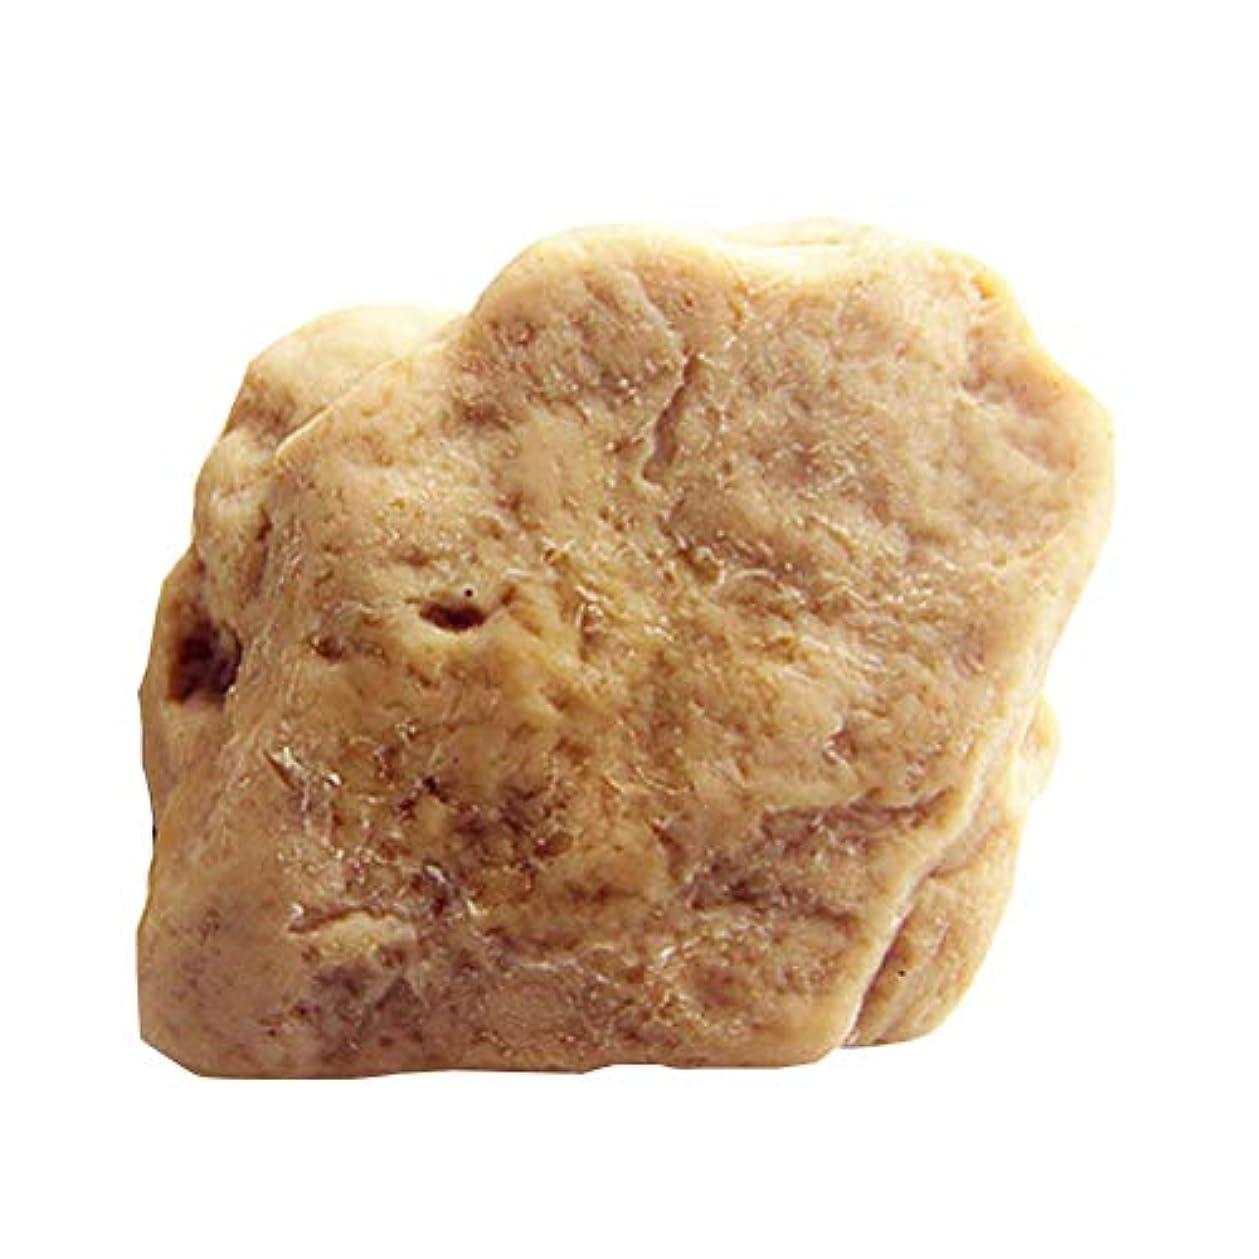 お願いします粗いいっぱいCreacom オリーブオイル 石鹸 肌に優しい無添加 毛穴 対策 洗顔石鹸 保湿 固形 毛穴 黒ずみ 肌荒れ くすみ ニキビ 美白 美肌 角質除去 肌荒れ 乾燥肌 オイル肌 混合肌 対策 全身可能